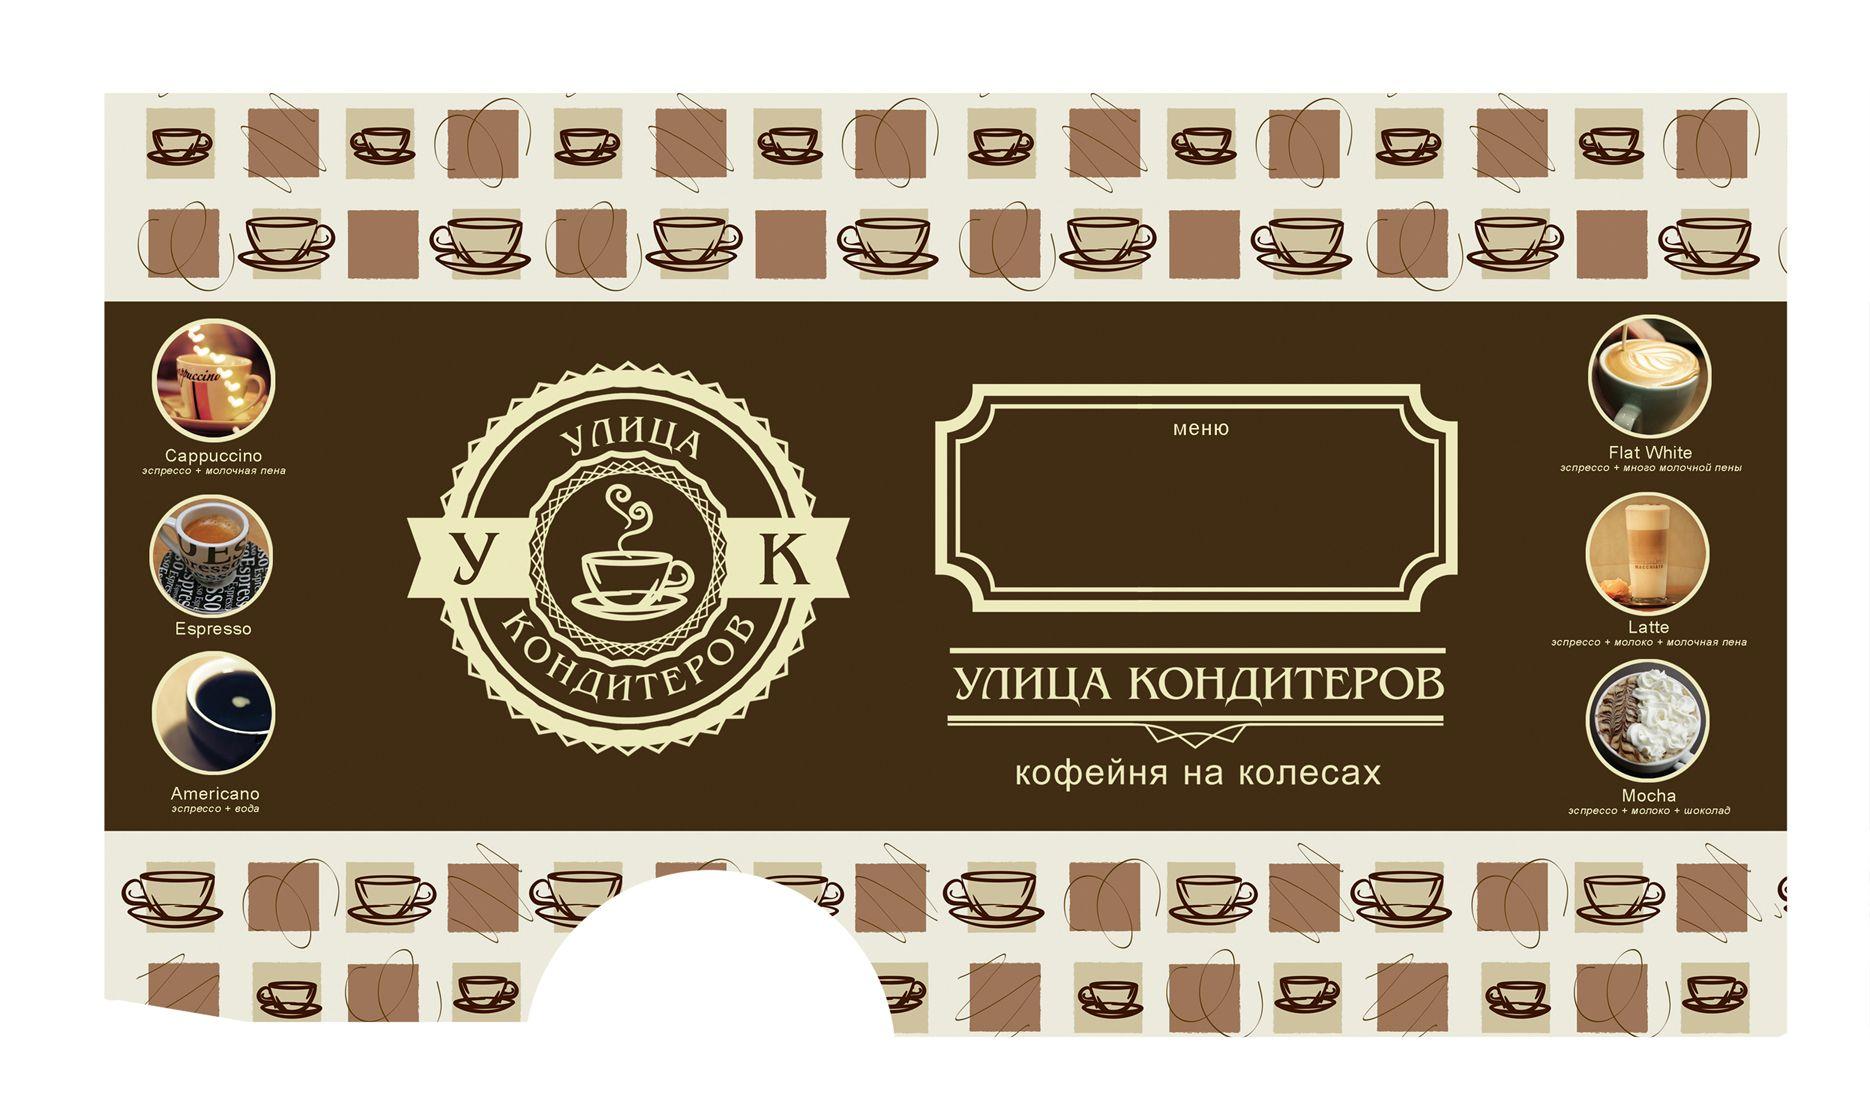 Брендирование мобильной кофейни - дизайнер art-valeri